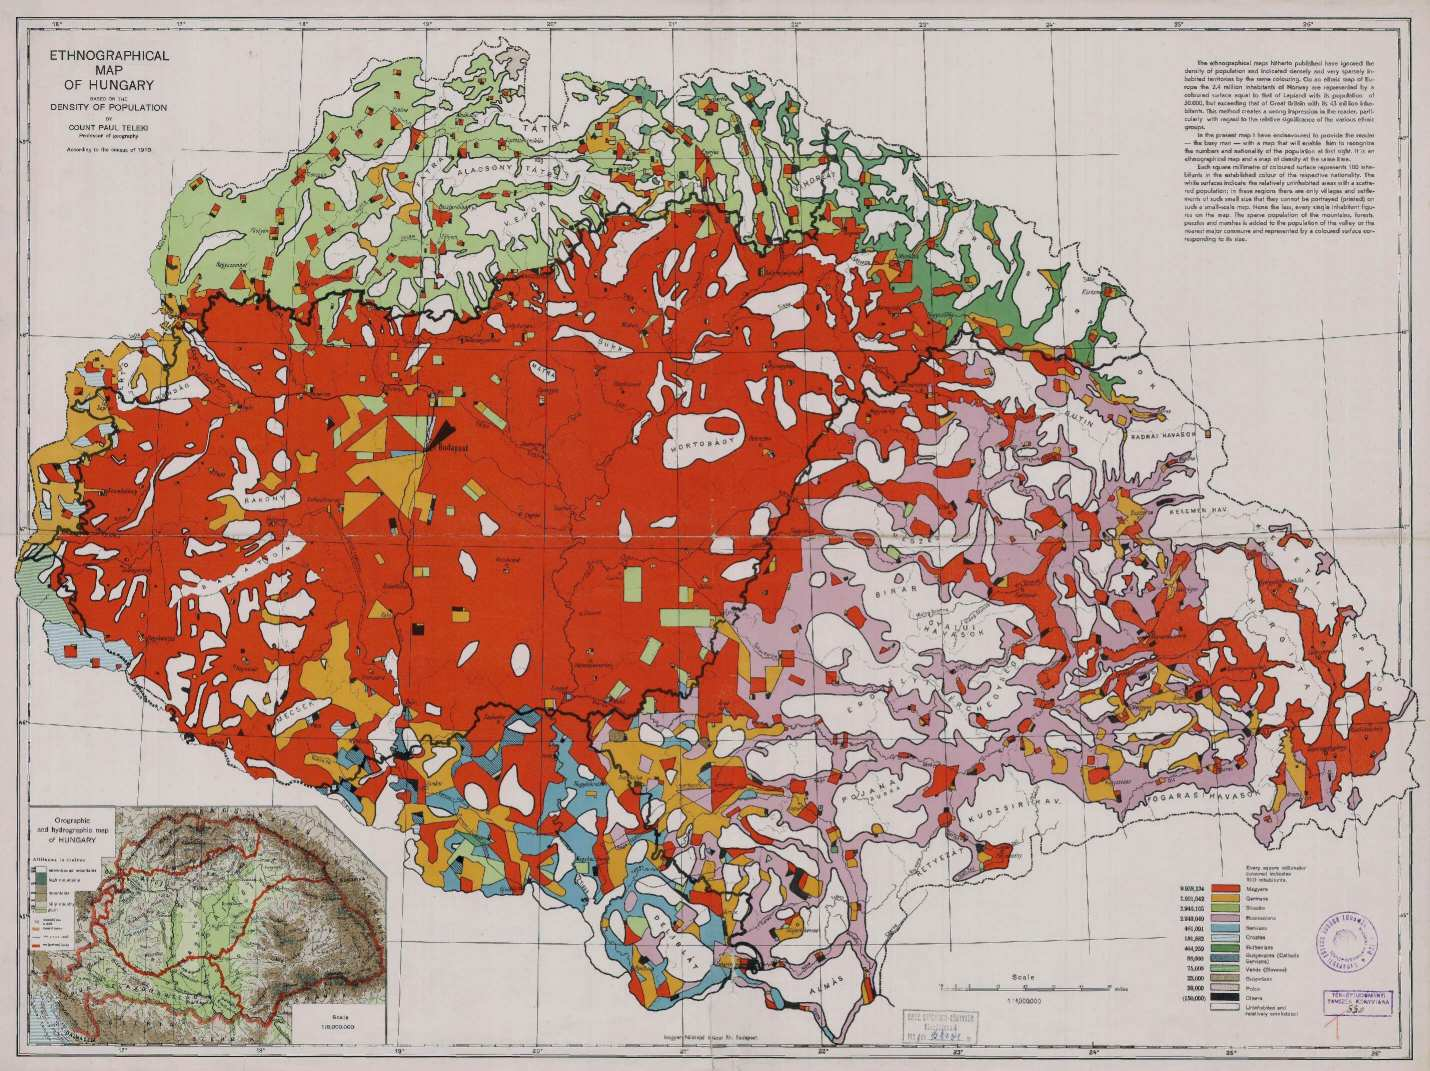 magyarország térkép 1920 Maps of the 20th century magyarország térkép 1920